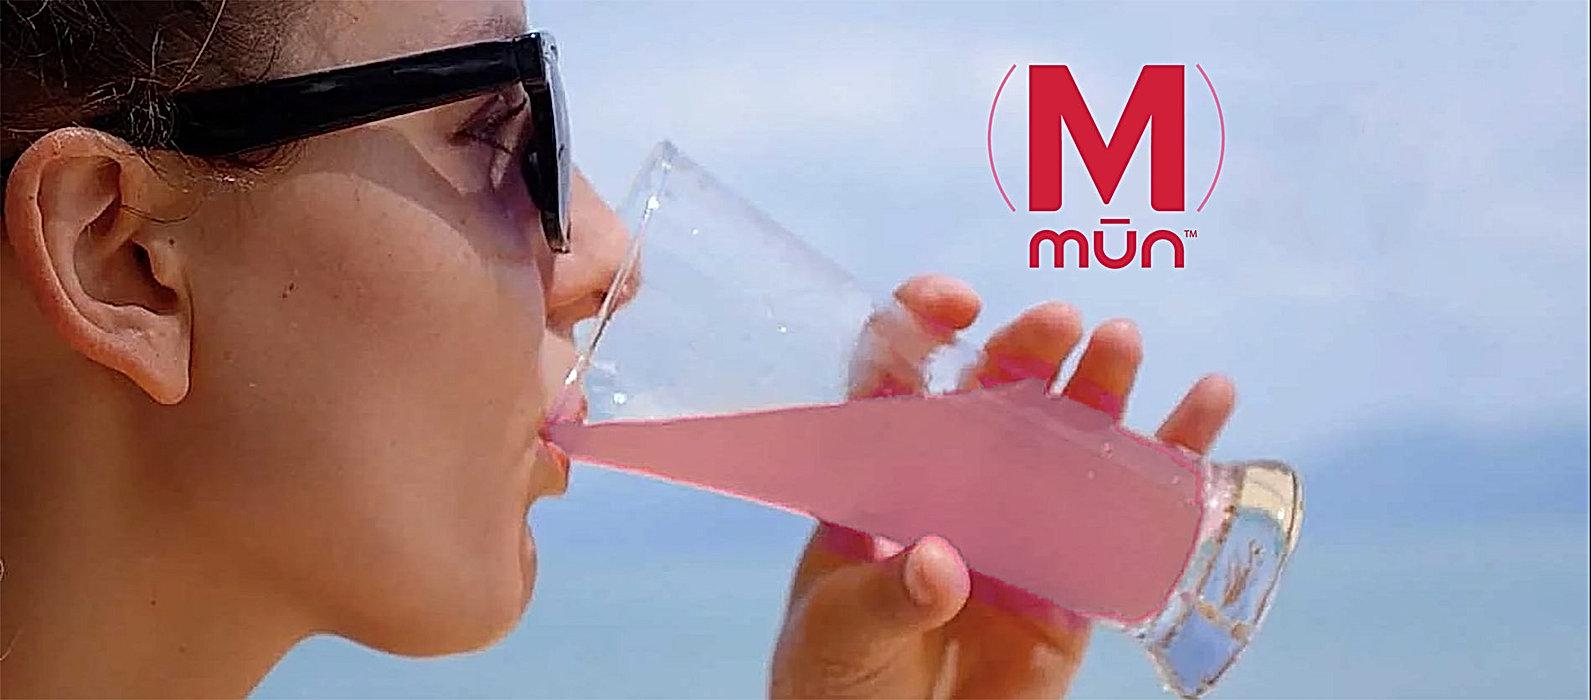 (M)Mun - Suplemento diário para fortalecer a Imunidade | Maria da Graça Congro